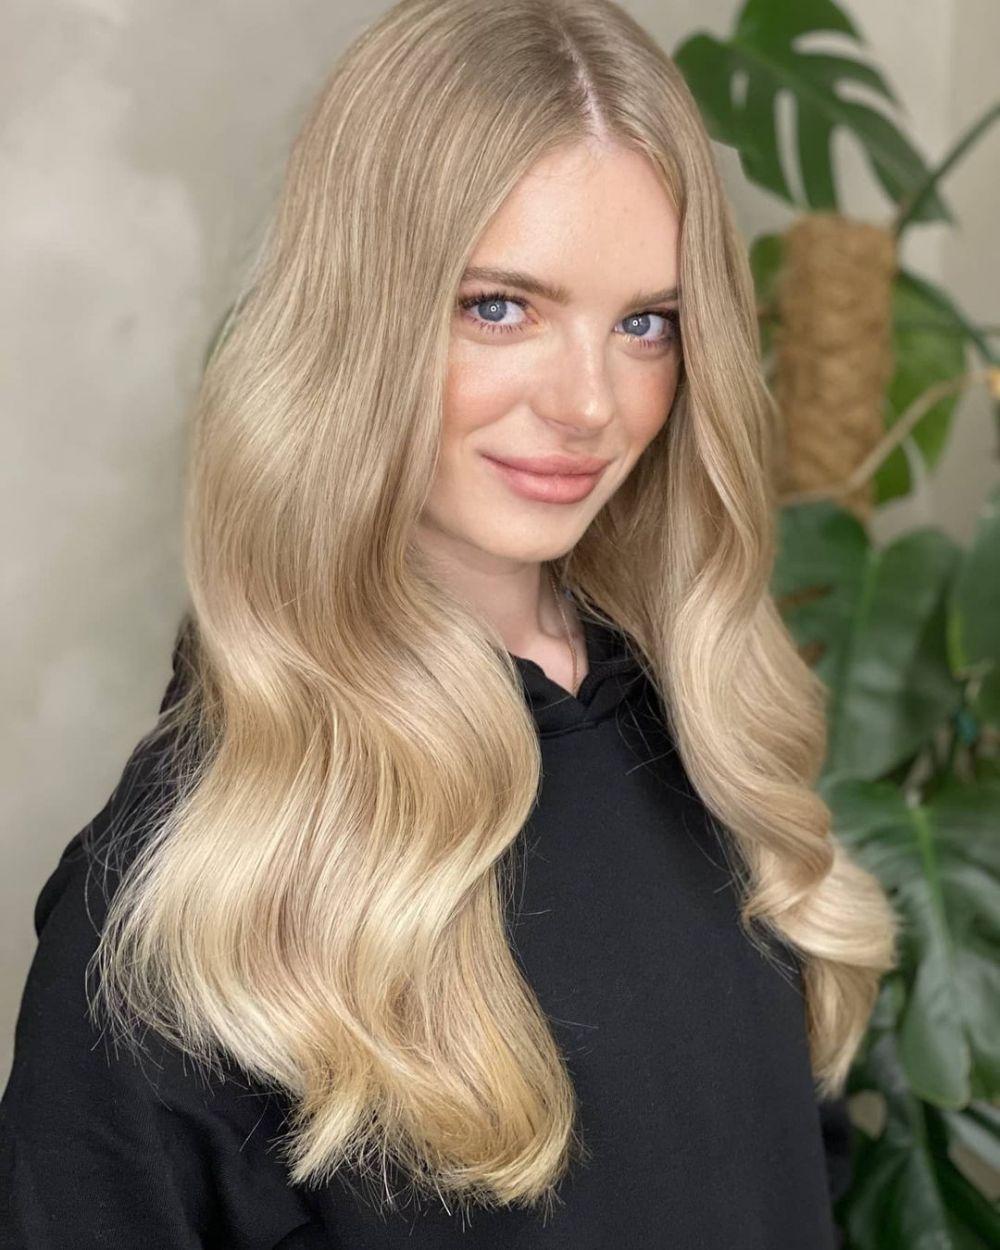 Лифанова Анна, 29 лет, 178 см, Санкт-Петербург. АО «НПП «Радар ммс», экономист договорного отдела. Хобби: мототехника, путешествия, кино.